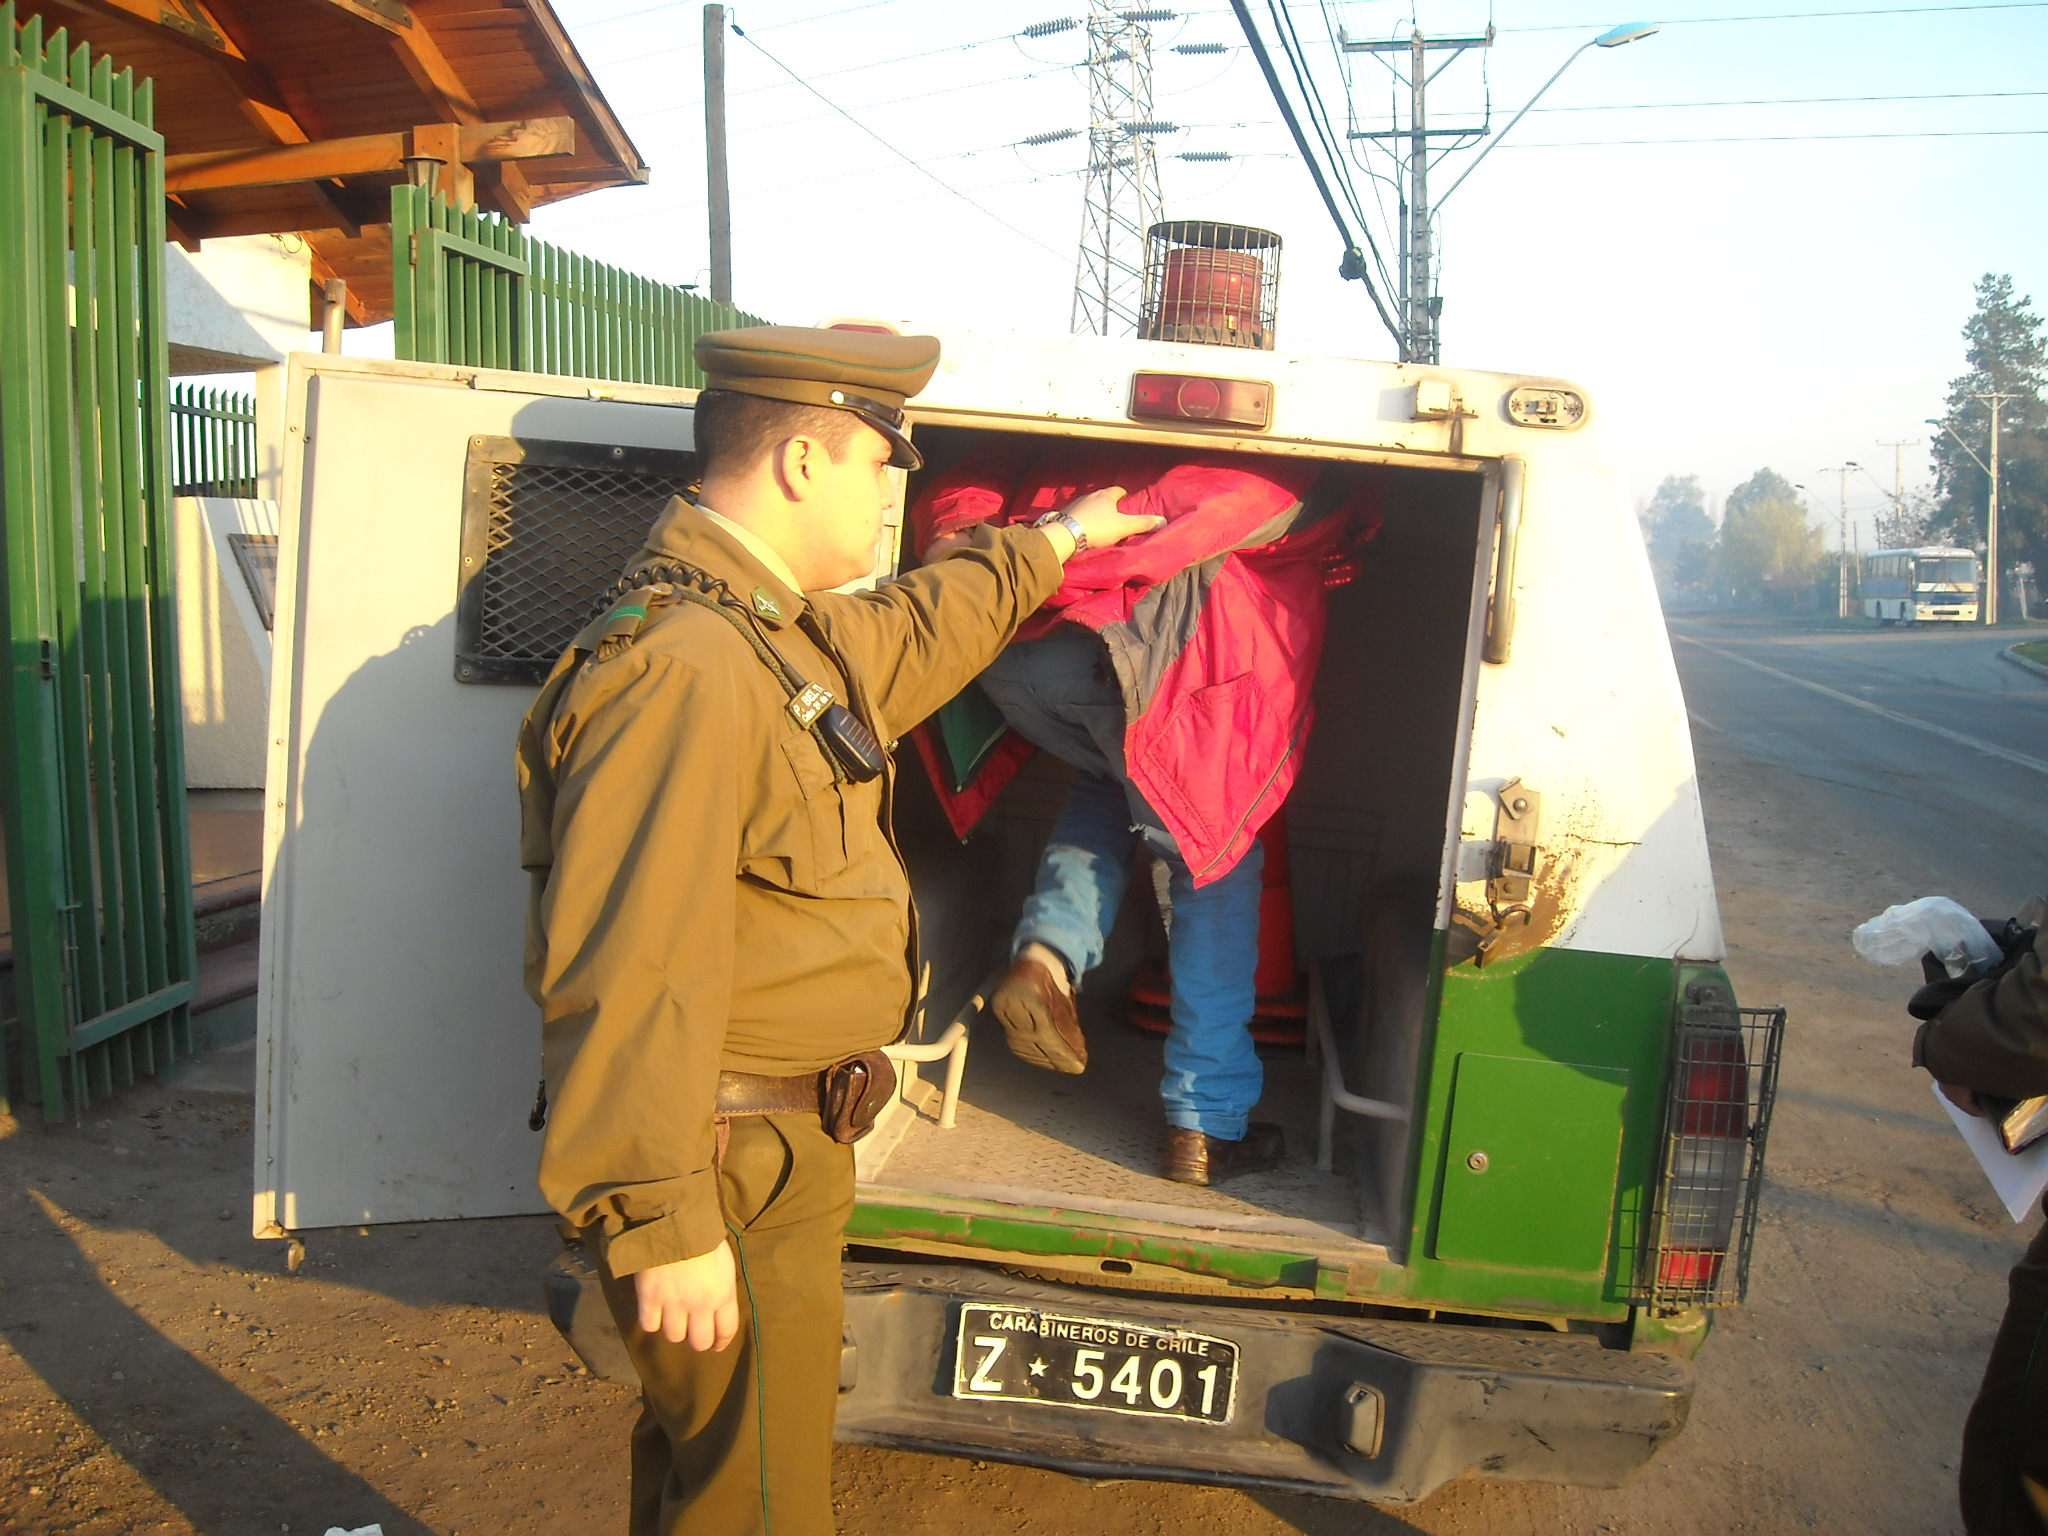 Carabineros detiene a hombre por robo en lugar habitado en localidad de Tutuquen